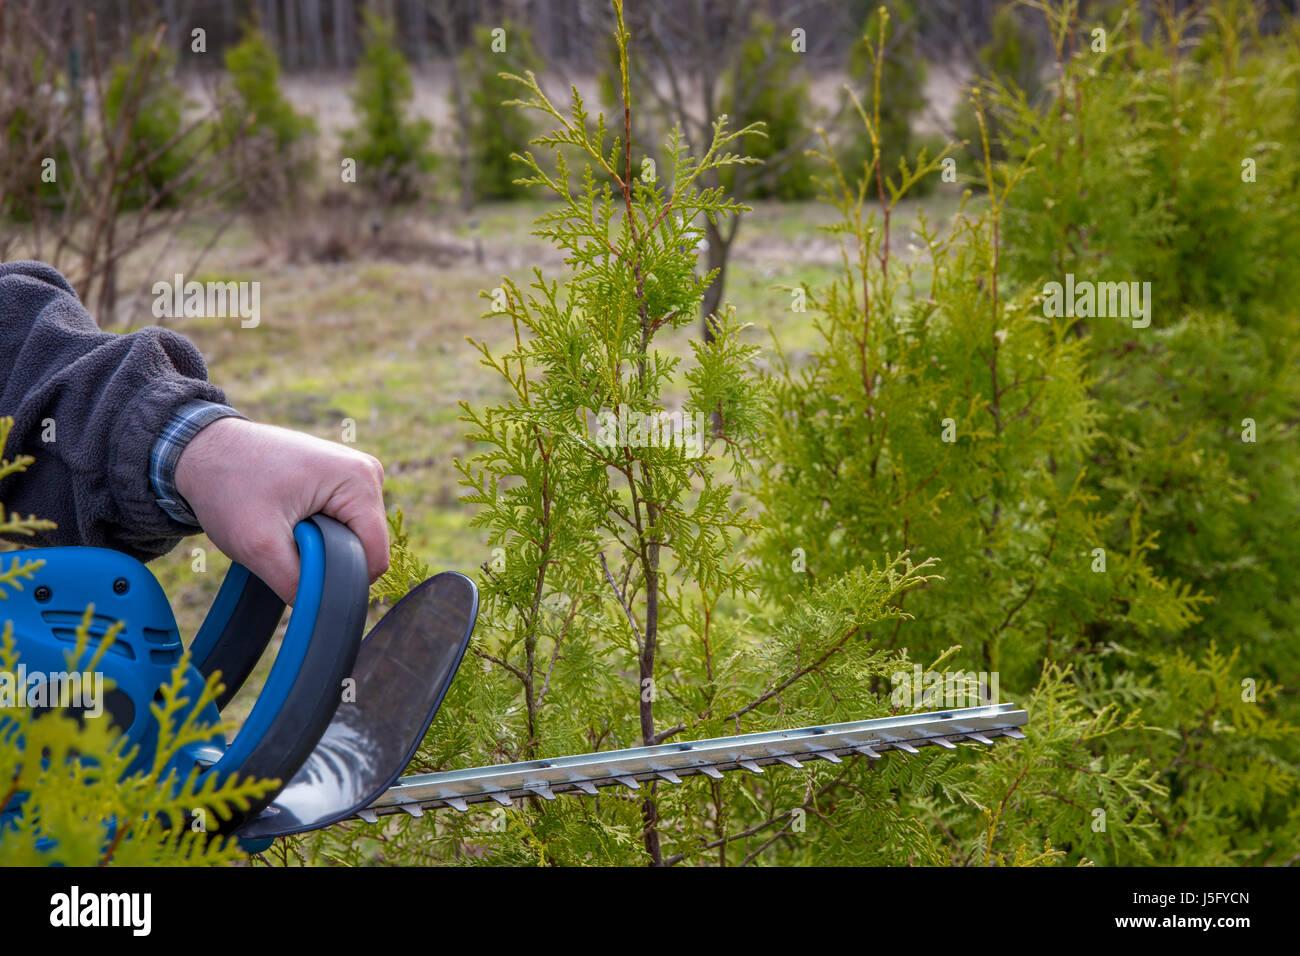 Baum Astschneider Stockfotos Baum Astschneider Bilder Alamy